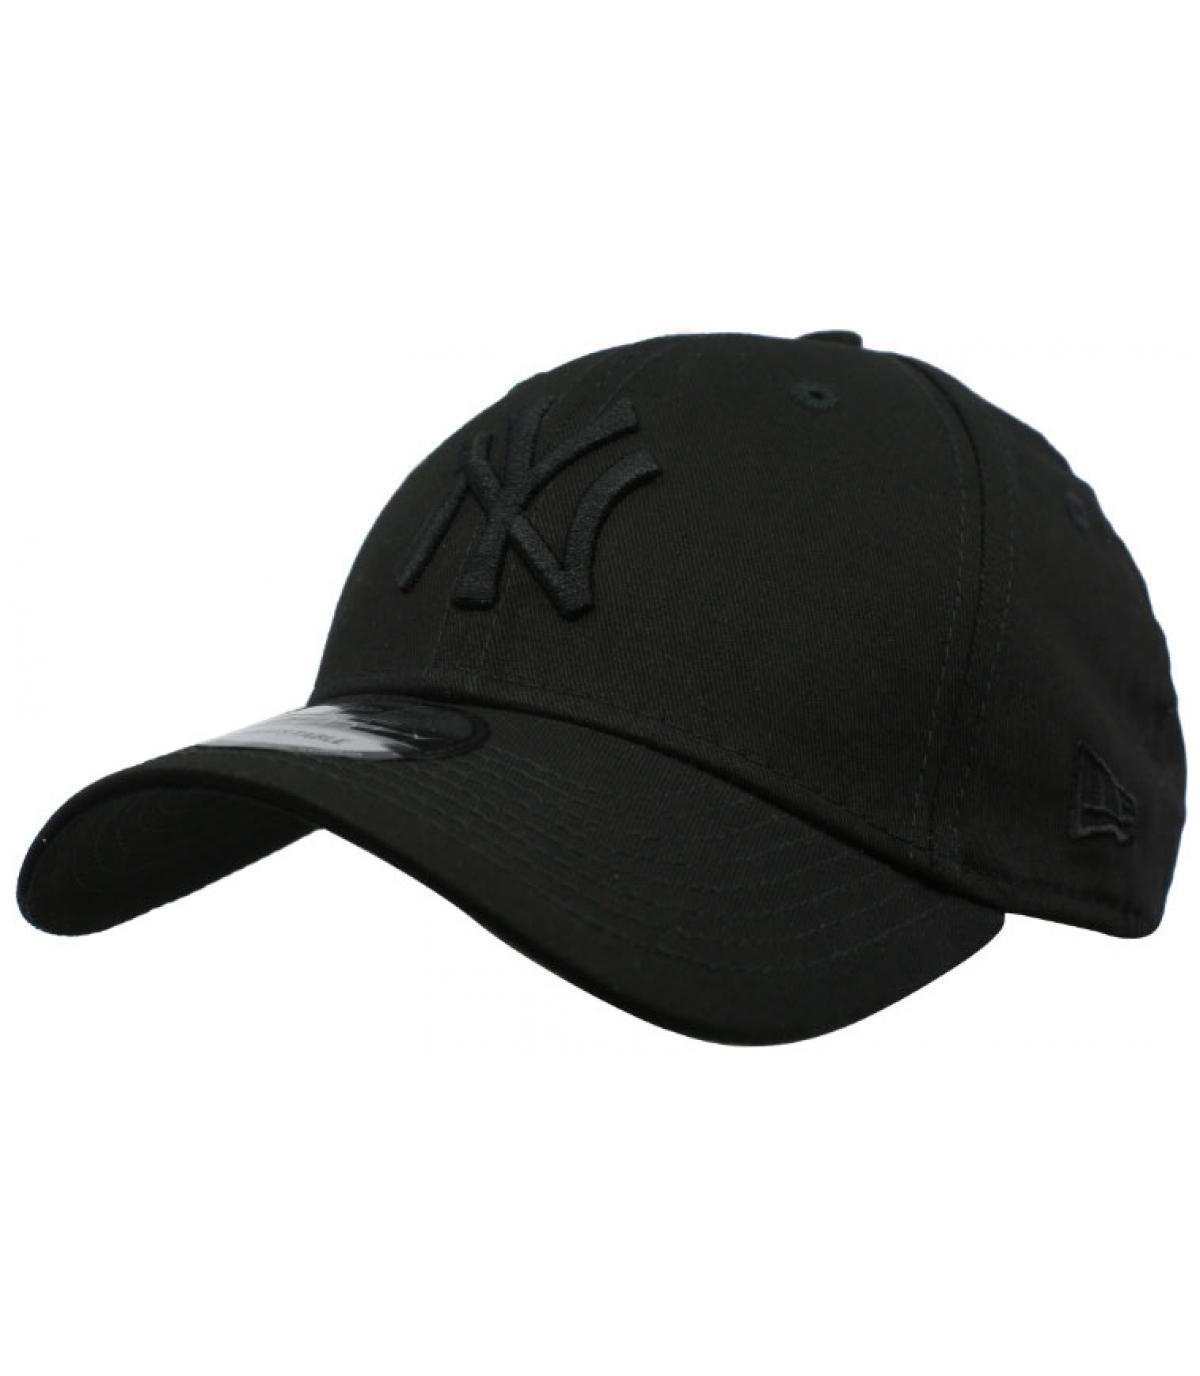 black New Era NY cap